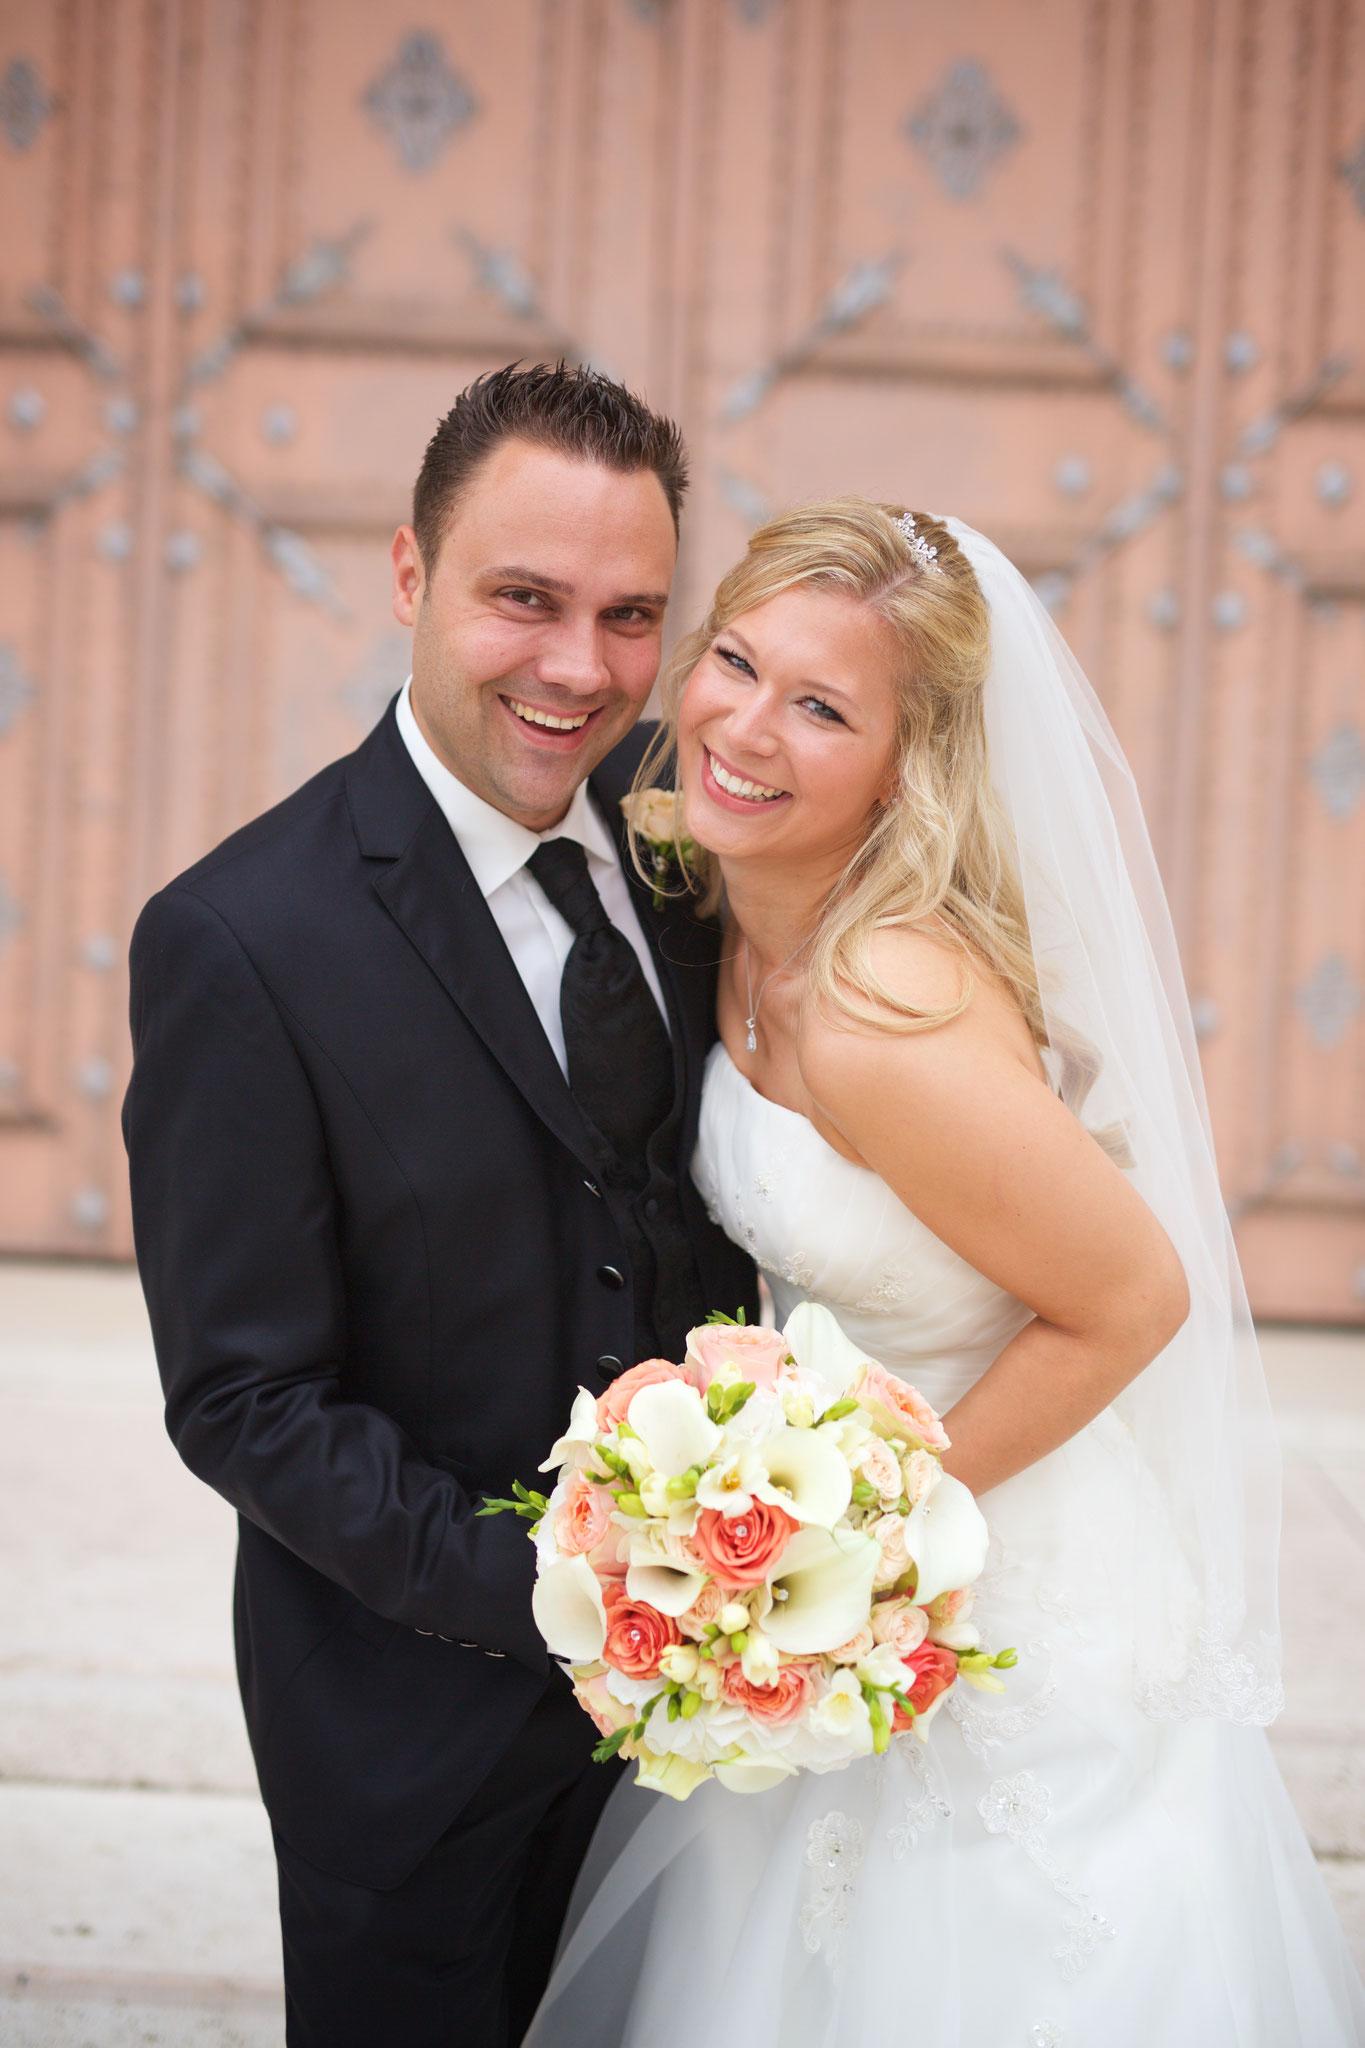 Herzlichen Glückwunsch dem Brautpaar